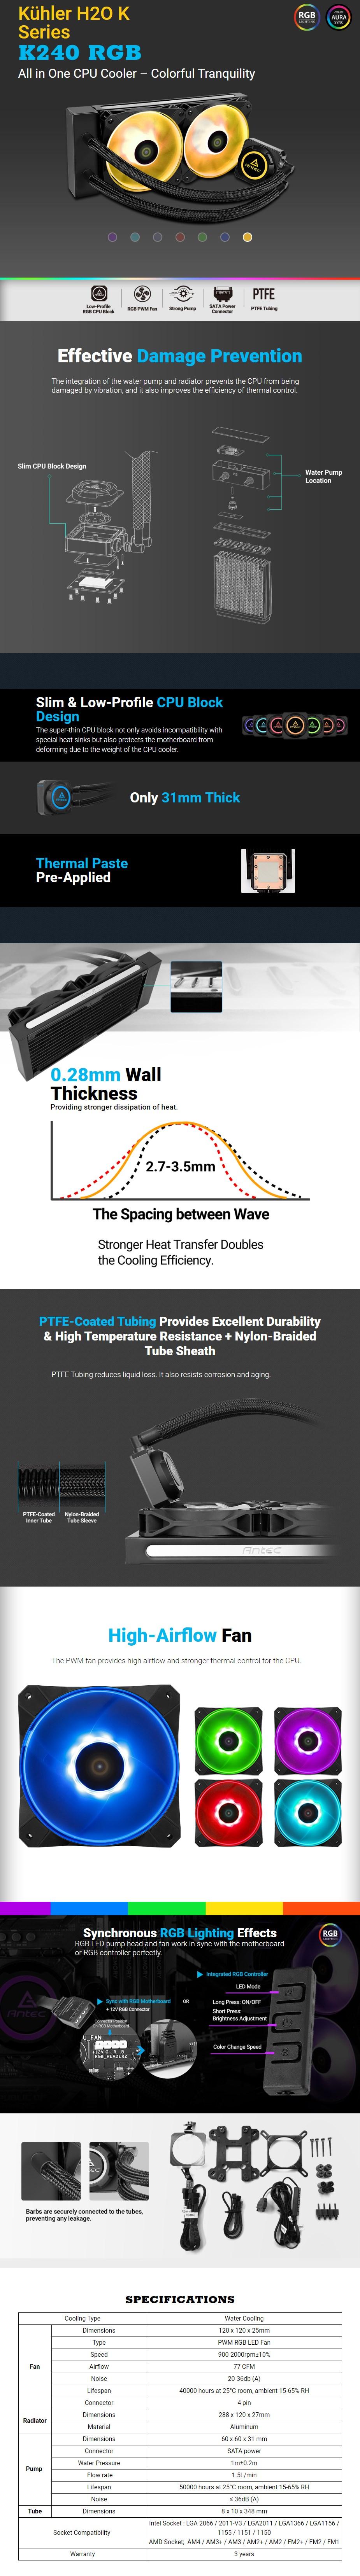 Antec Kuhler K240 RGB AIO Liquid CPU Cooler - Overview 1